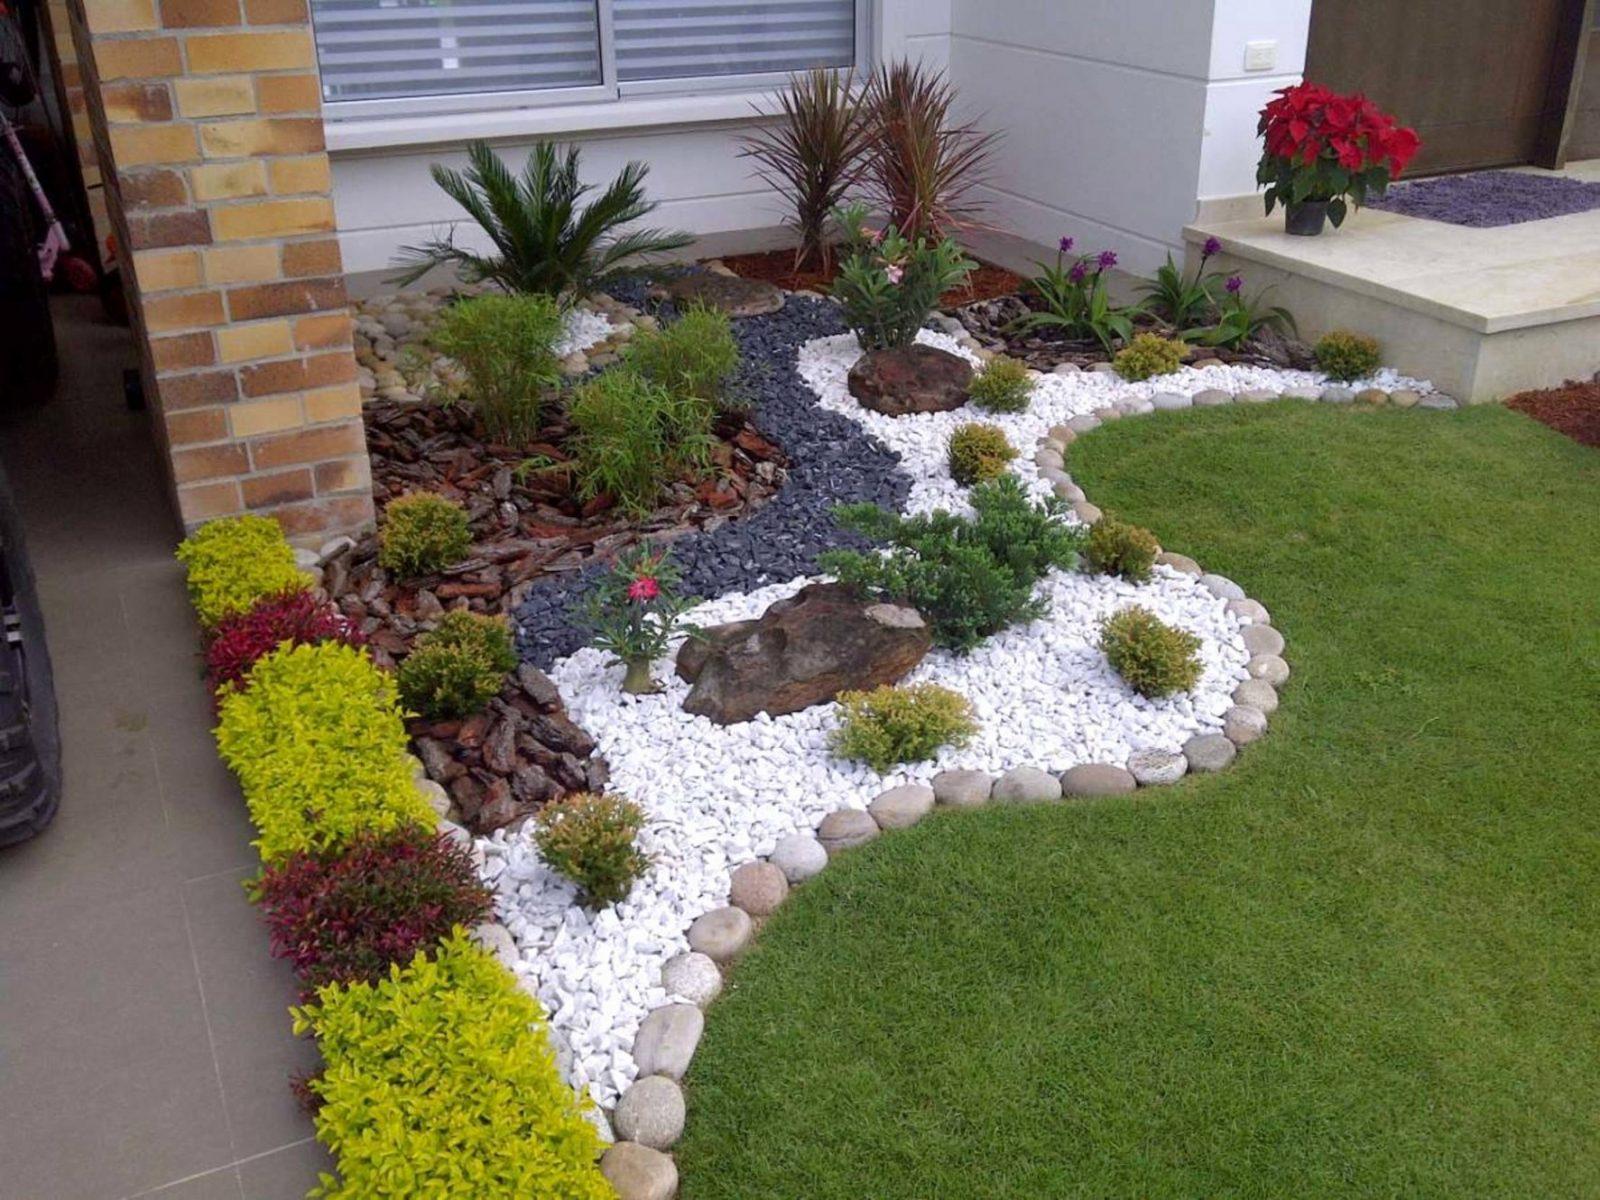 Blumenbeet Anlegen Ideen Typen Kleine Garten Ohne Rasen Beste Zum von Kleine Gärten Gestalten Ohne Rasen Photo